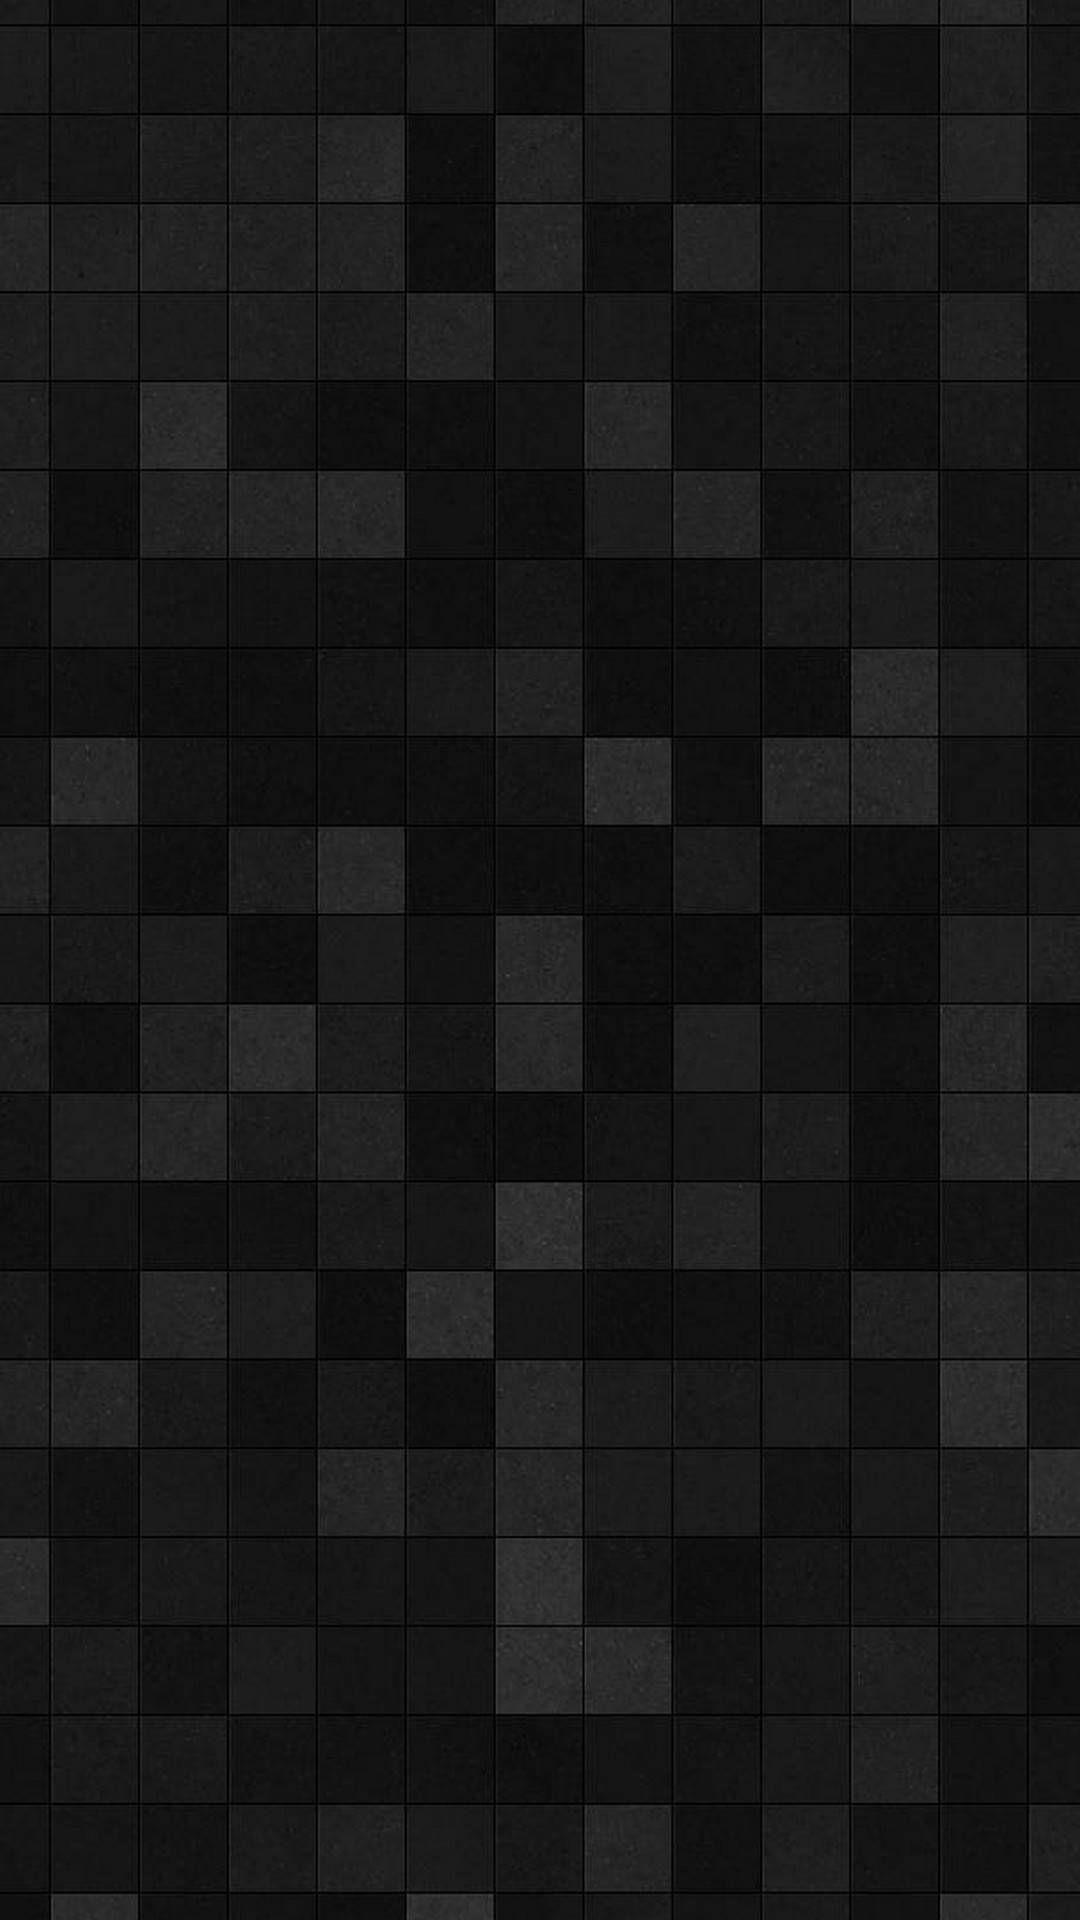 http://wallpaperformobile.org/13862/black-tile-wallpaper.html ...